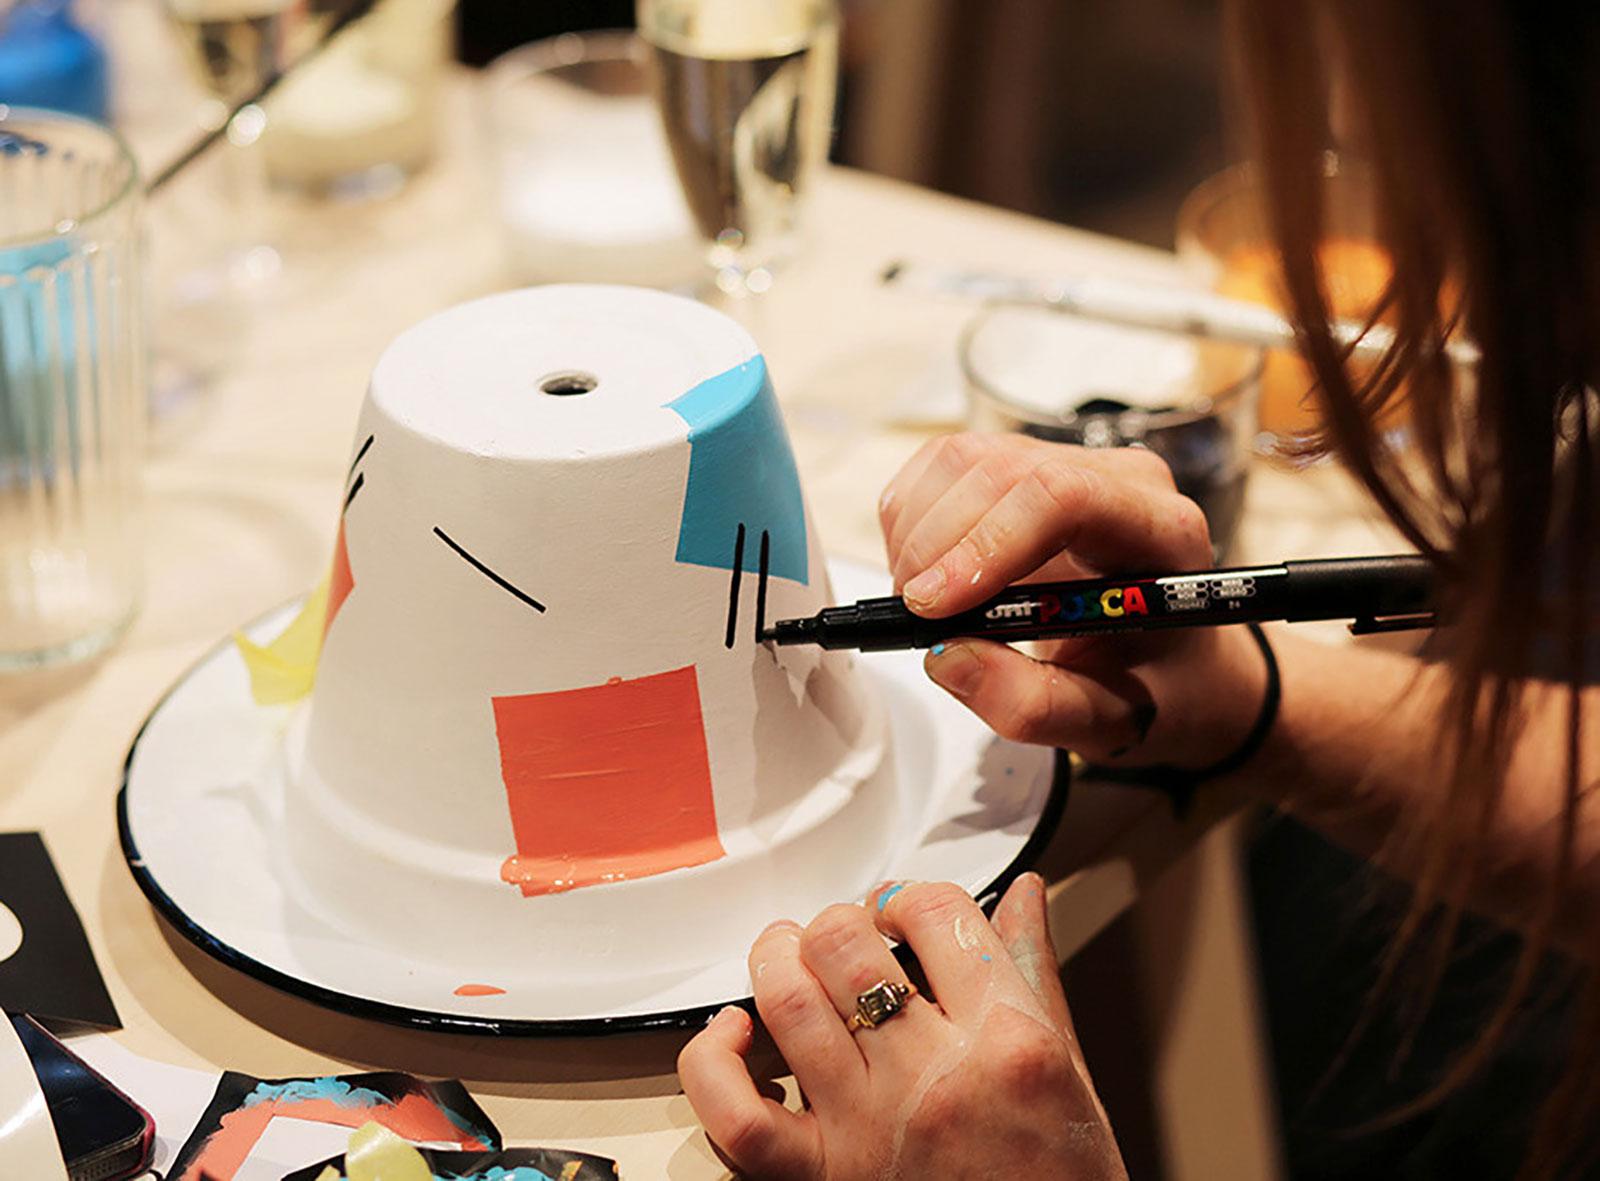 kreativ-workshop-mallorca-kreatives-rahmenprogramm-mallorca-kreativ-aktivitaet-mallorca-5